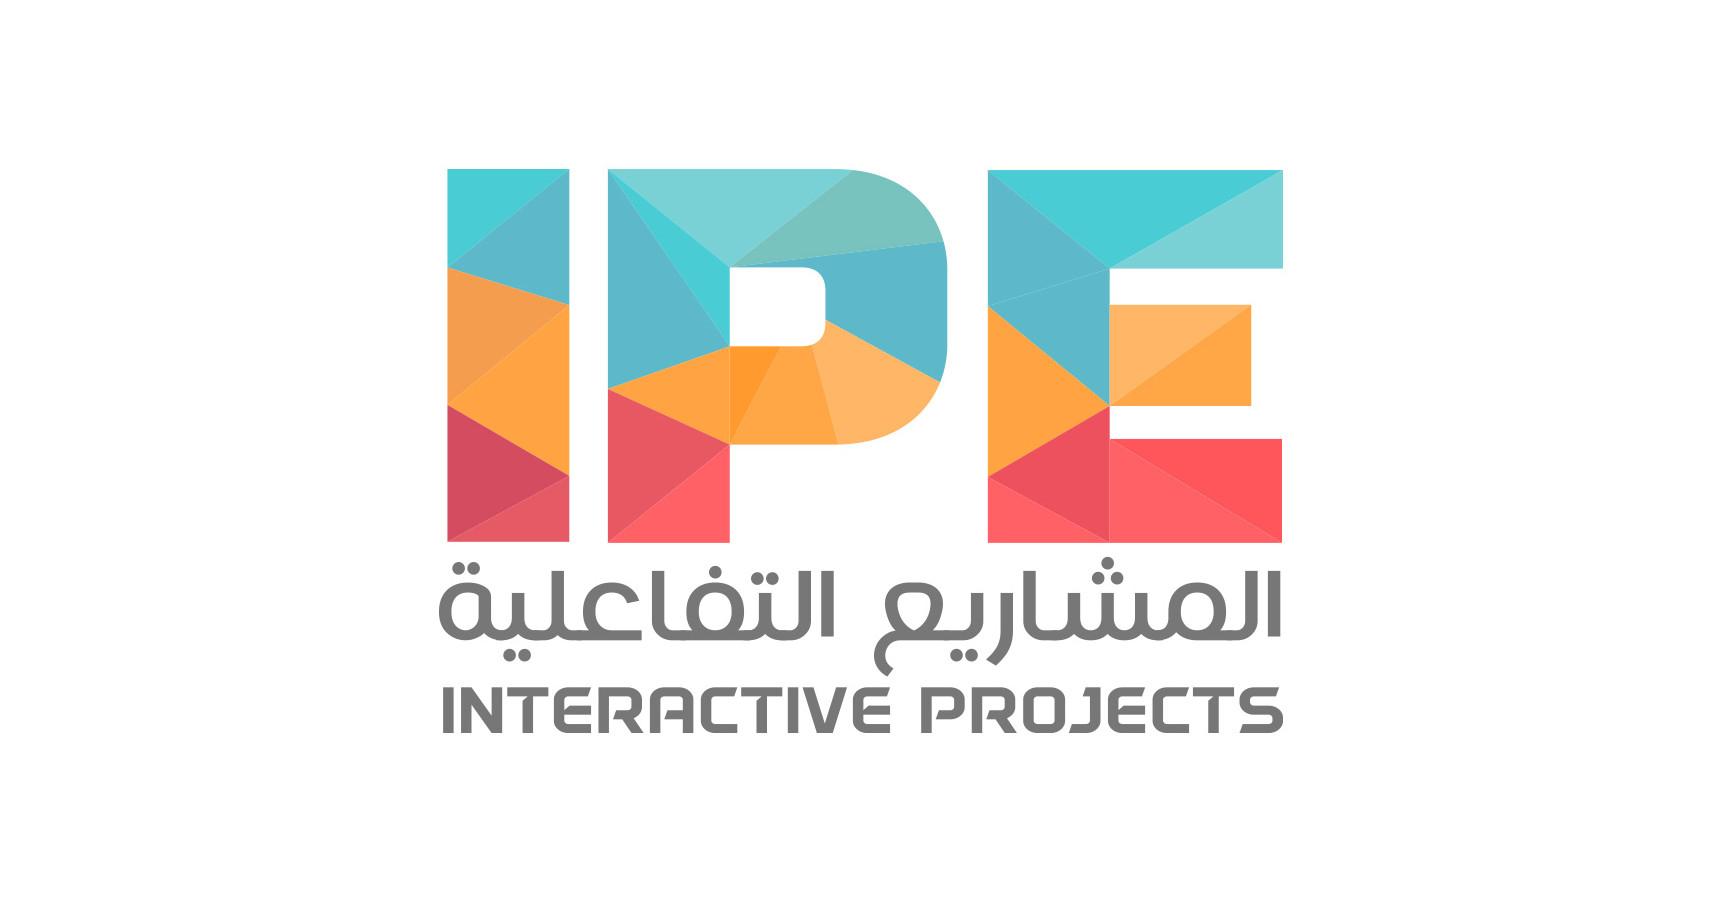 Job: Digital Marketing / Social Media Specialist-Riyadh at IPE in